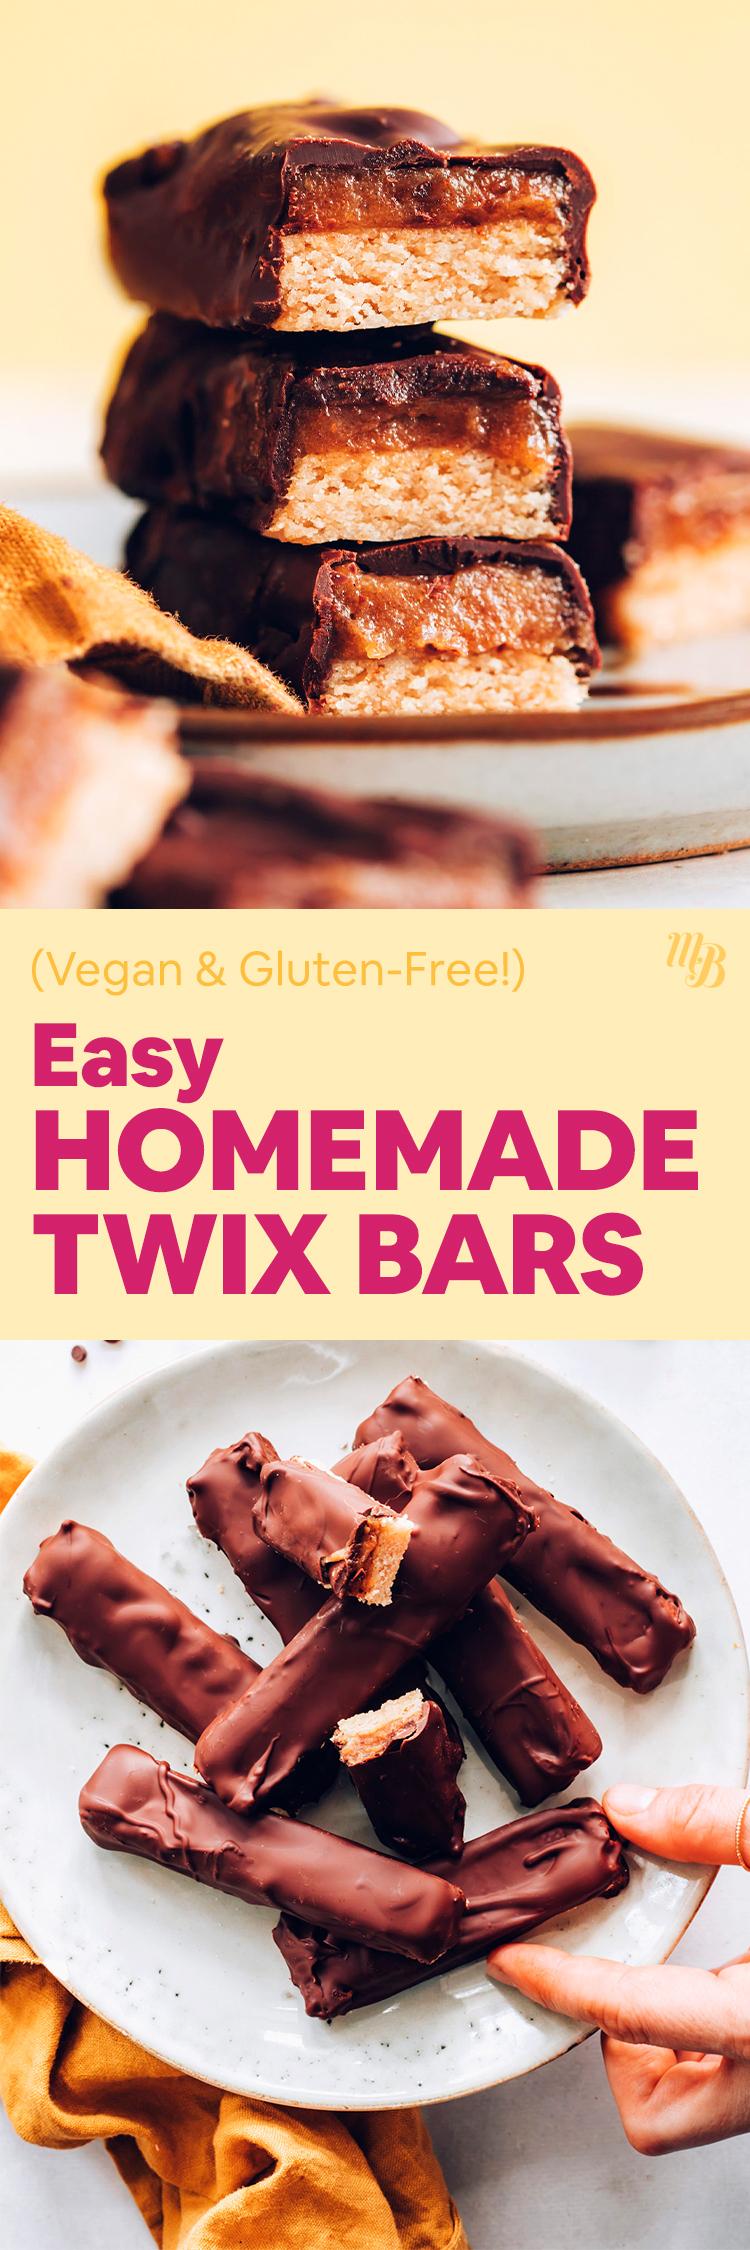 Verem és tányér vegán és gluténmentes házi készítésű twix rudakat